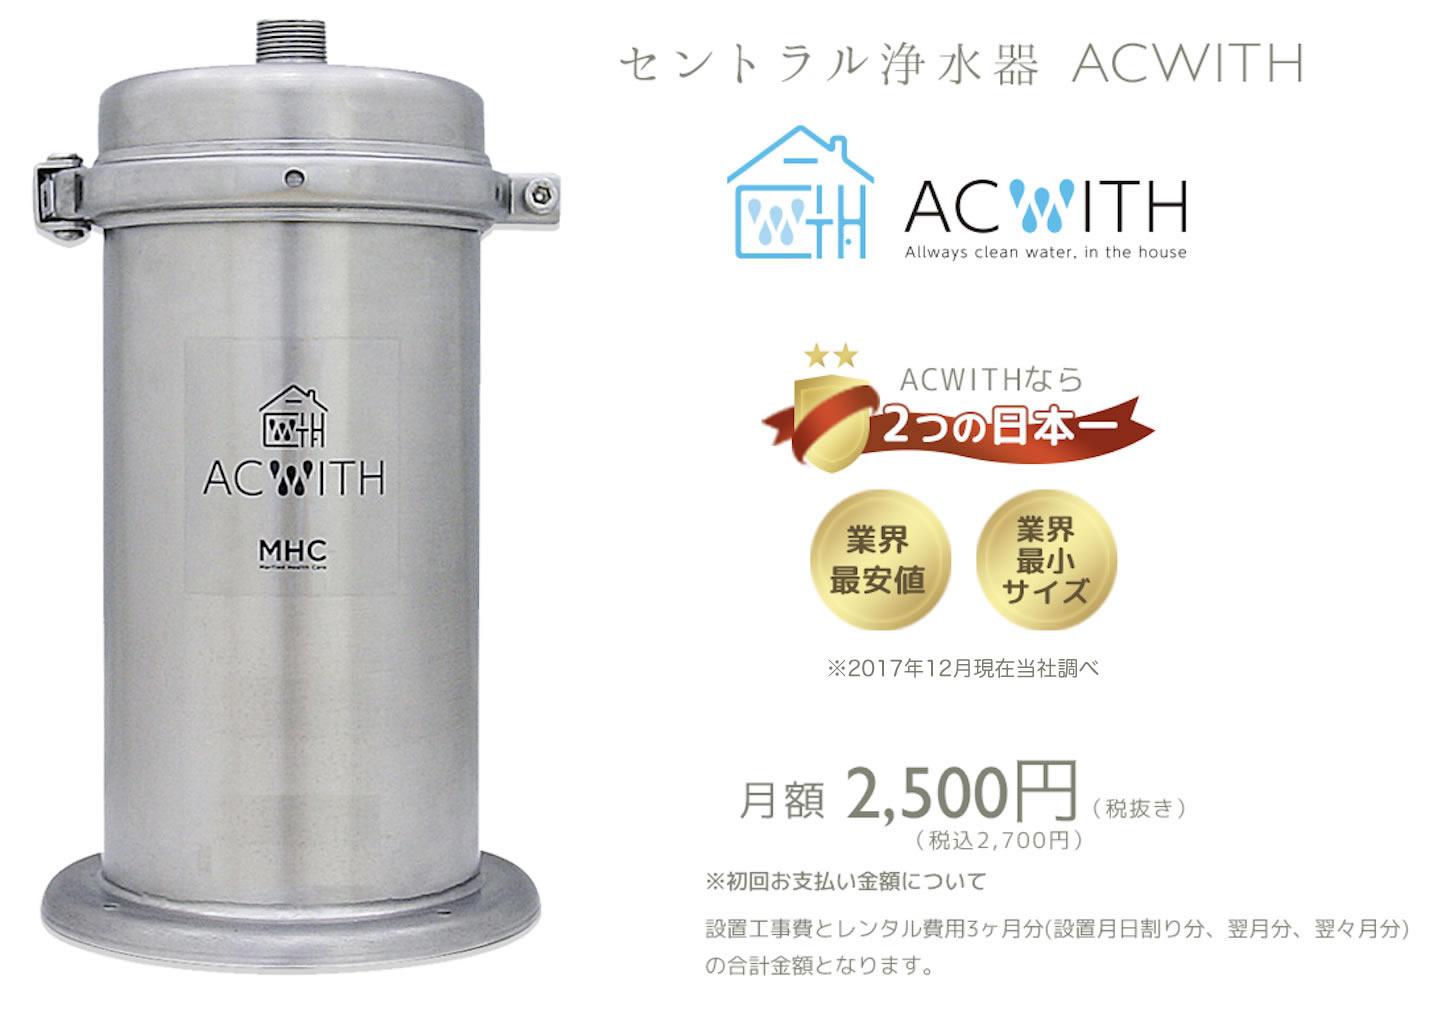 セントラル浄水器 ACWITH